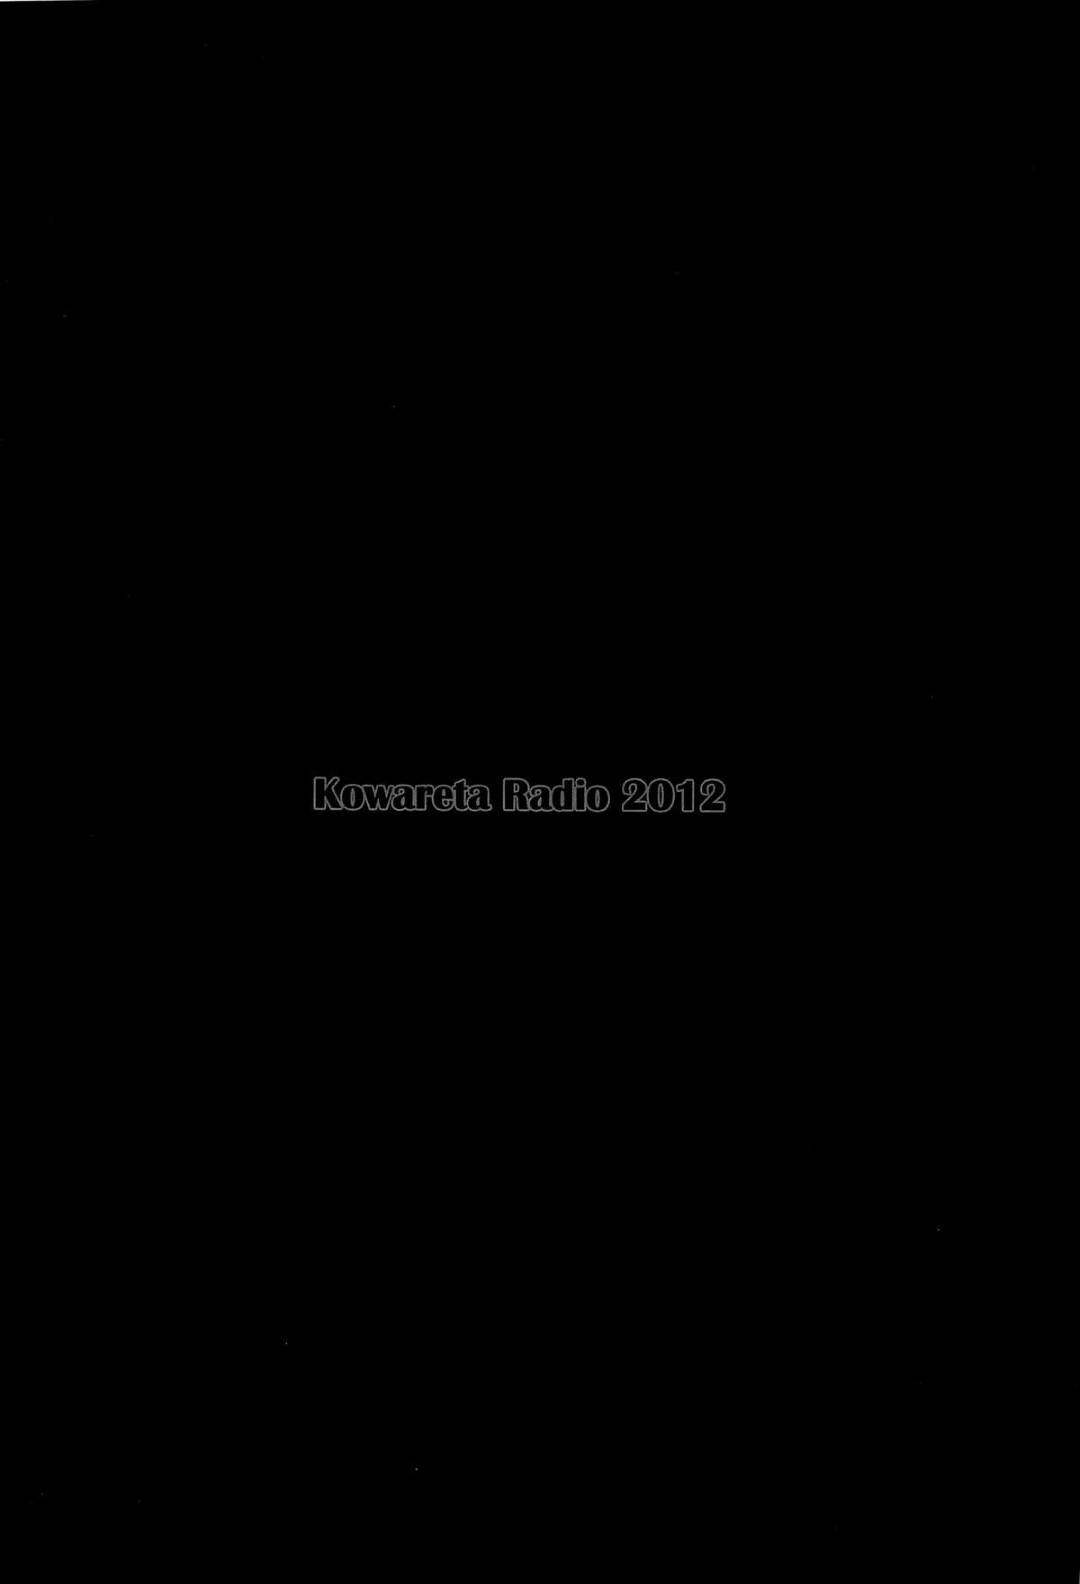 【エロ同人誌】(C82)参加した特殊クエストの開発者の身勝手な復讐によって牛の巨根に犯されるアスナ一向…全員の処女を奪われ助けを求めるが脱出アイテムを獲得するため彼女たちは中出しに耐える!【コワレ田ラジ男 (ヒーローキィ):ネトラレアート・オンライン/ソードアート・オンライン】